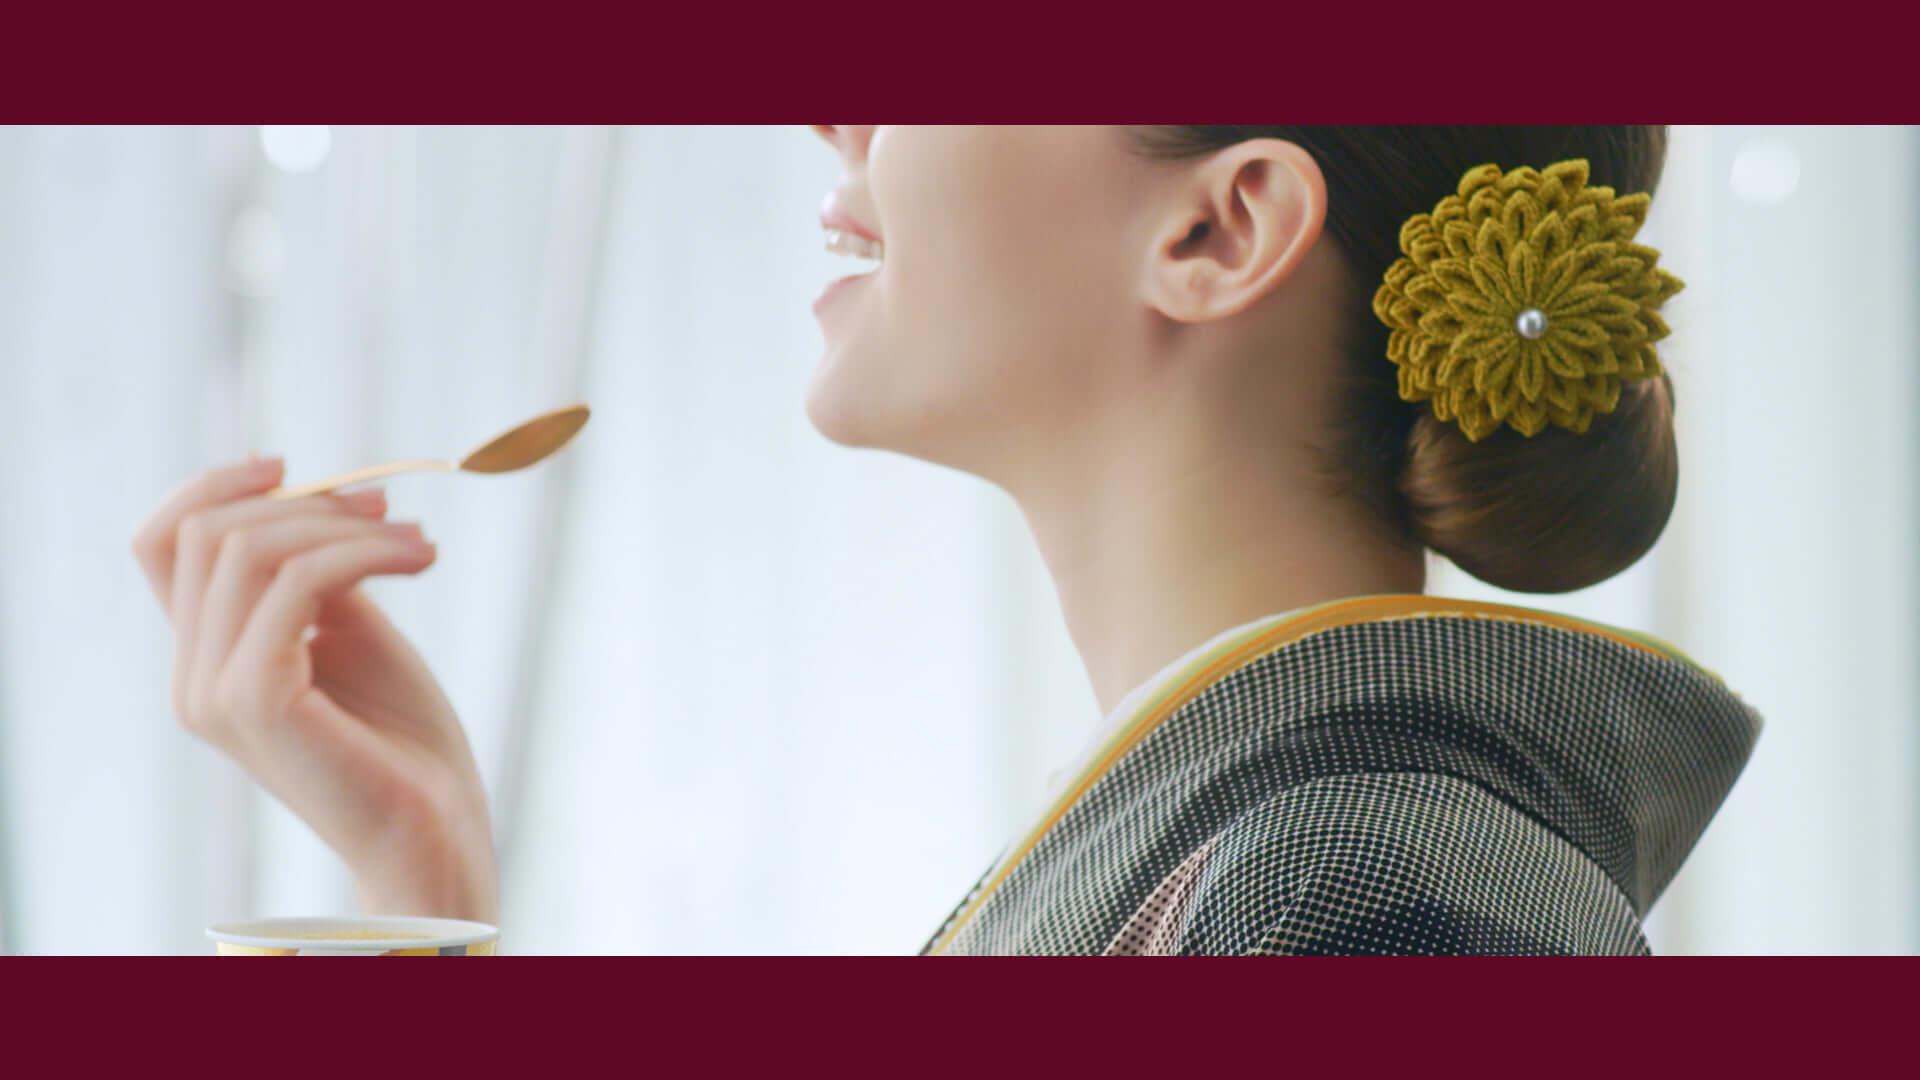 ハーゲンダッツの「華もち」シリーズが今秋も登場!和の魅力が詰まった『吟撰きなこ黒みつ』と『栗あん』が期間限定で発売決定 gourmet200928_haagen-dazs_4-1920x1080